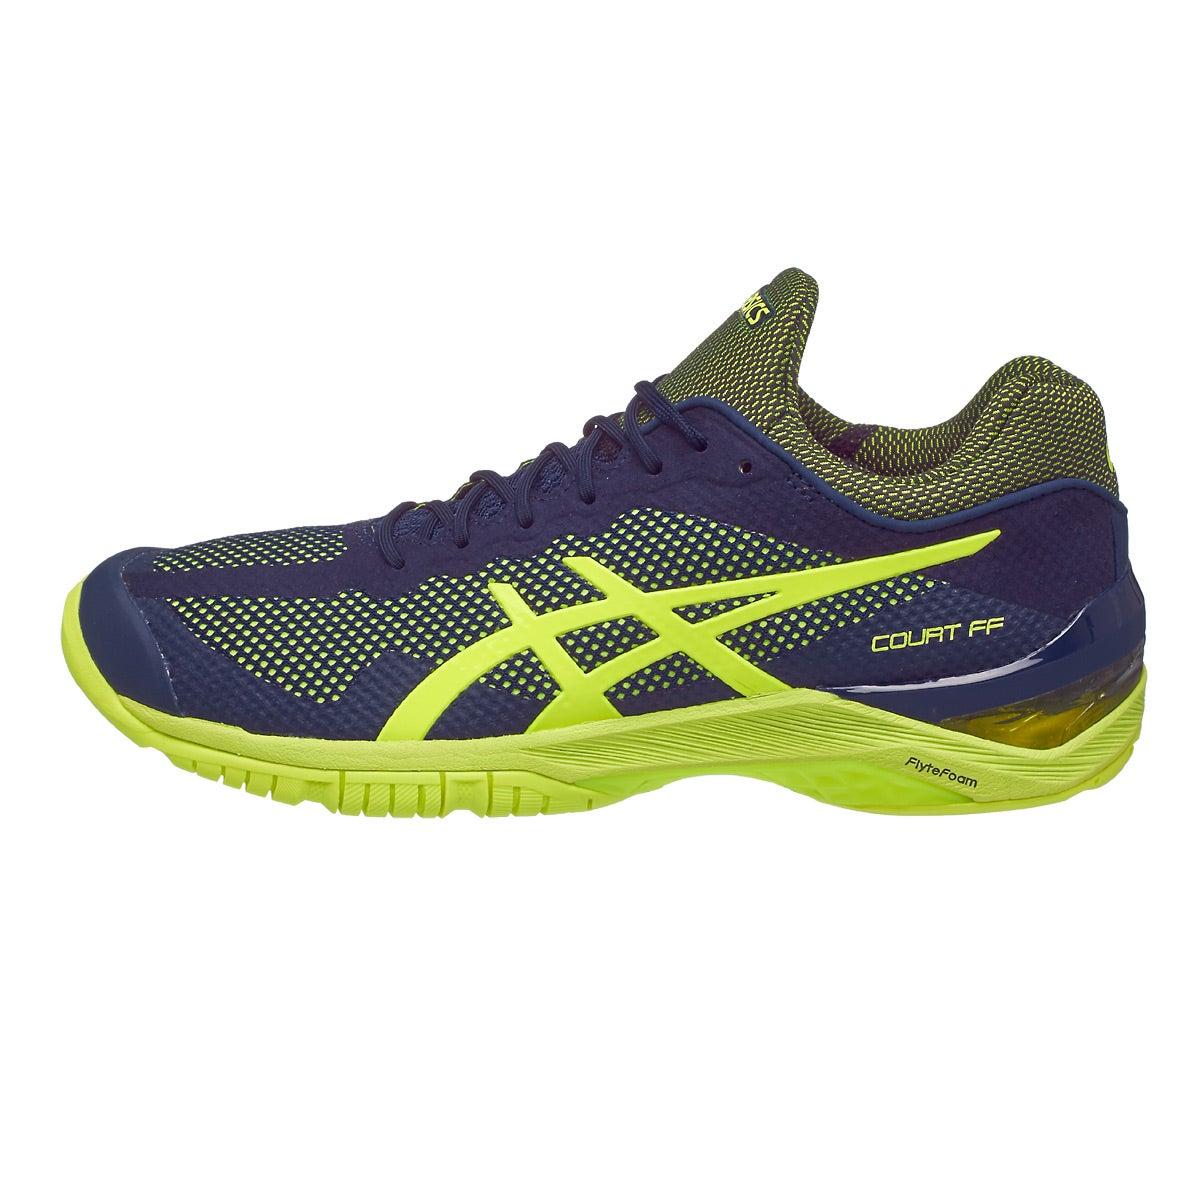 Blue Asics Tennis Shoes